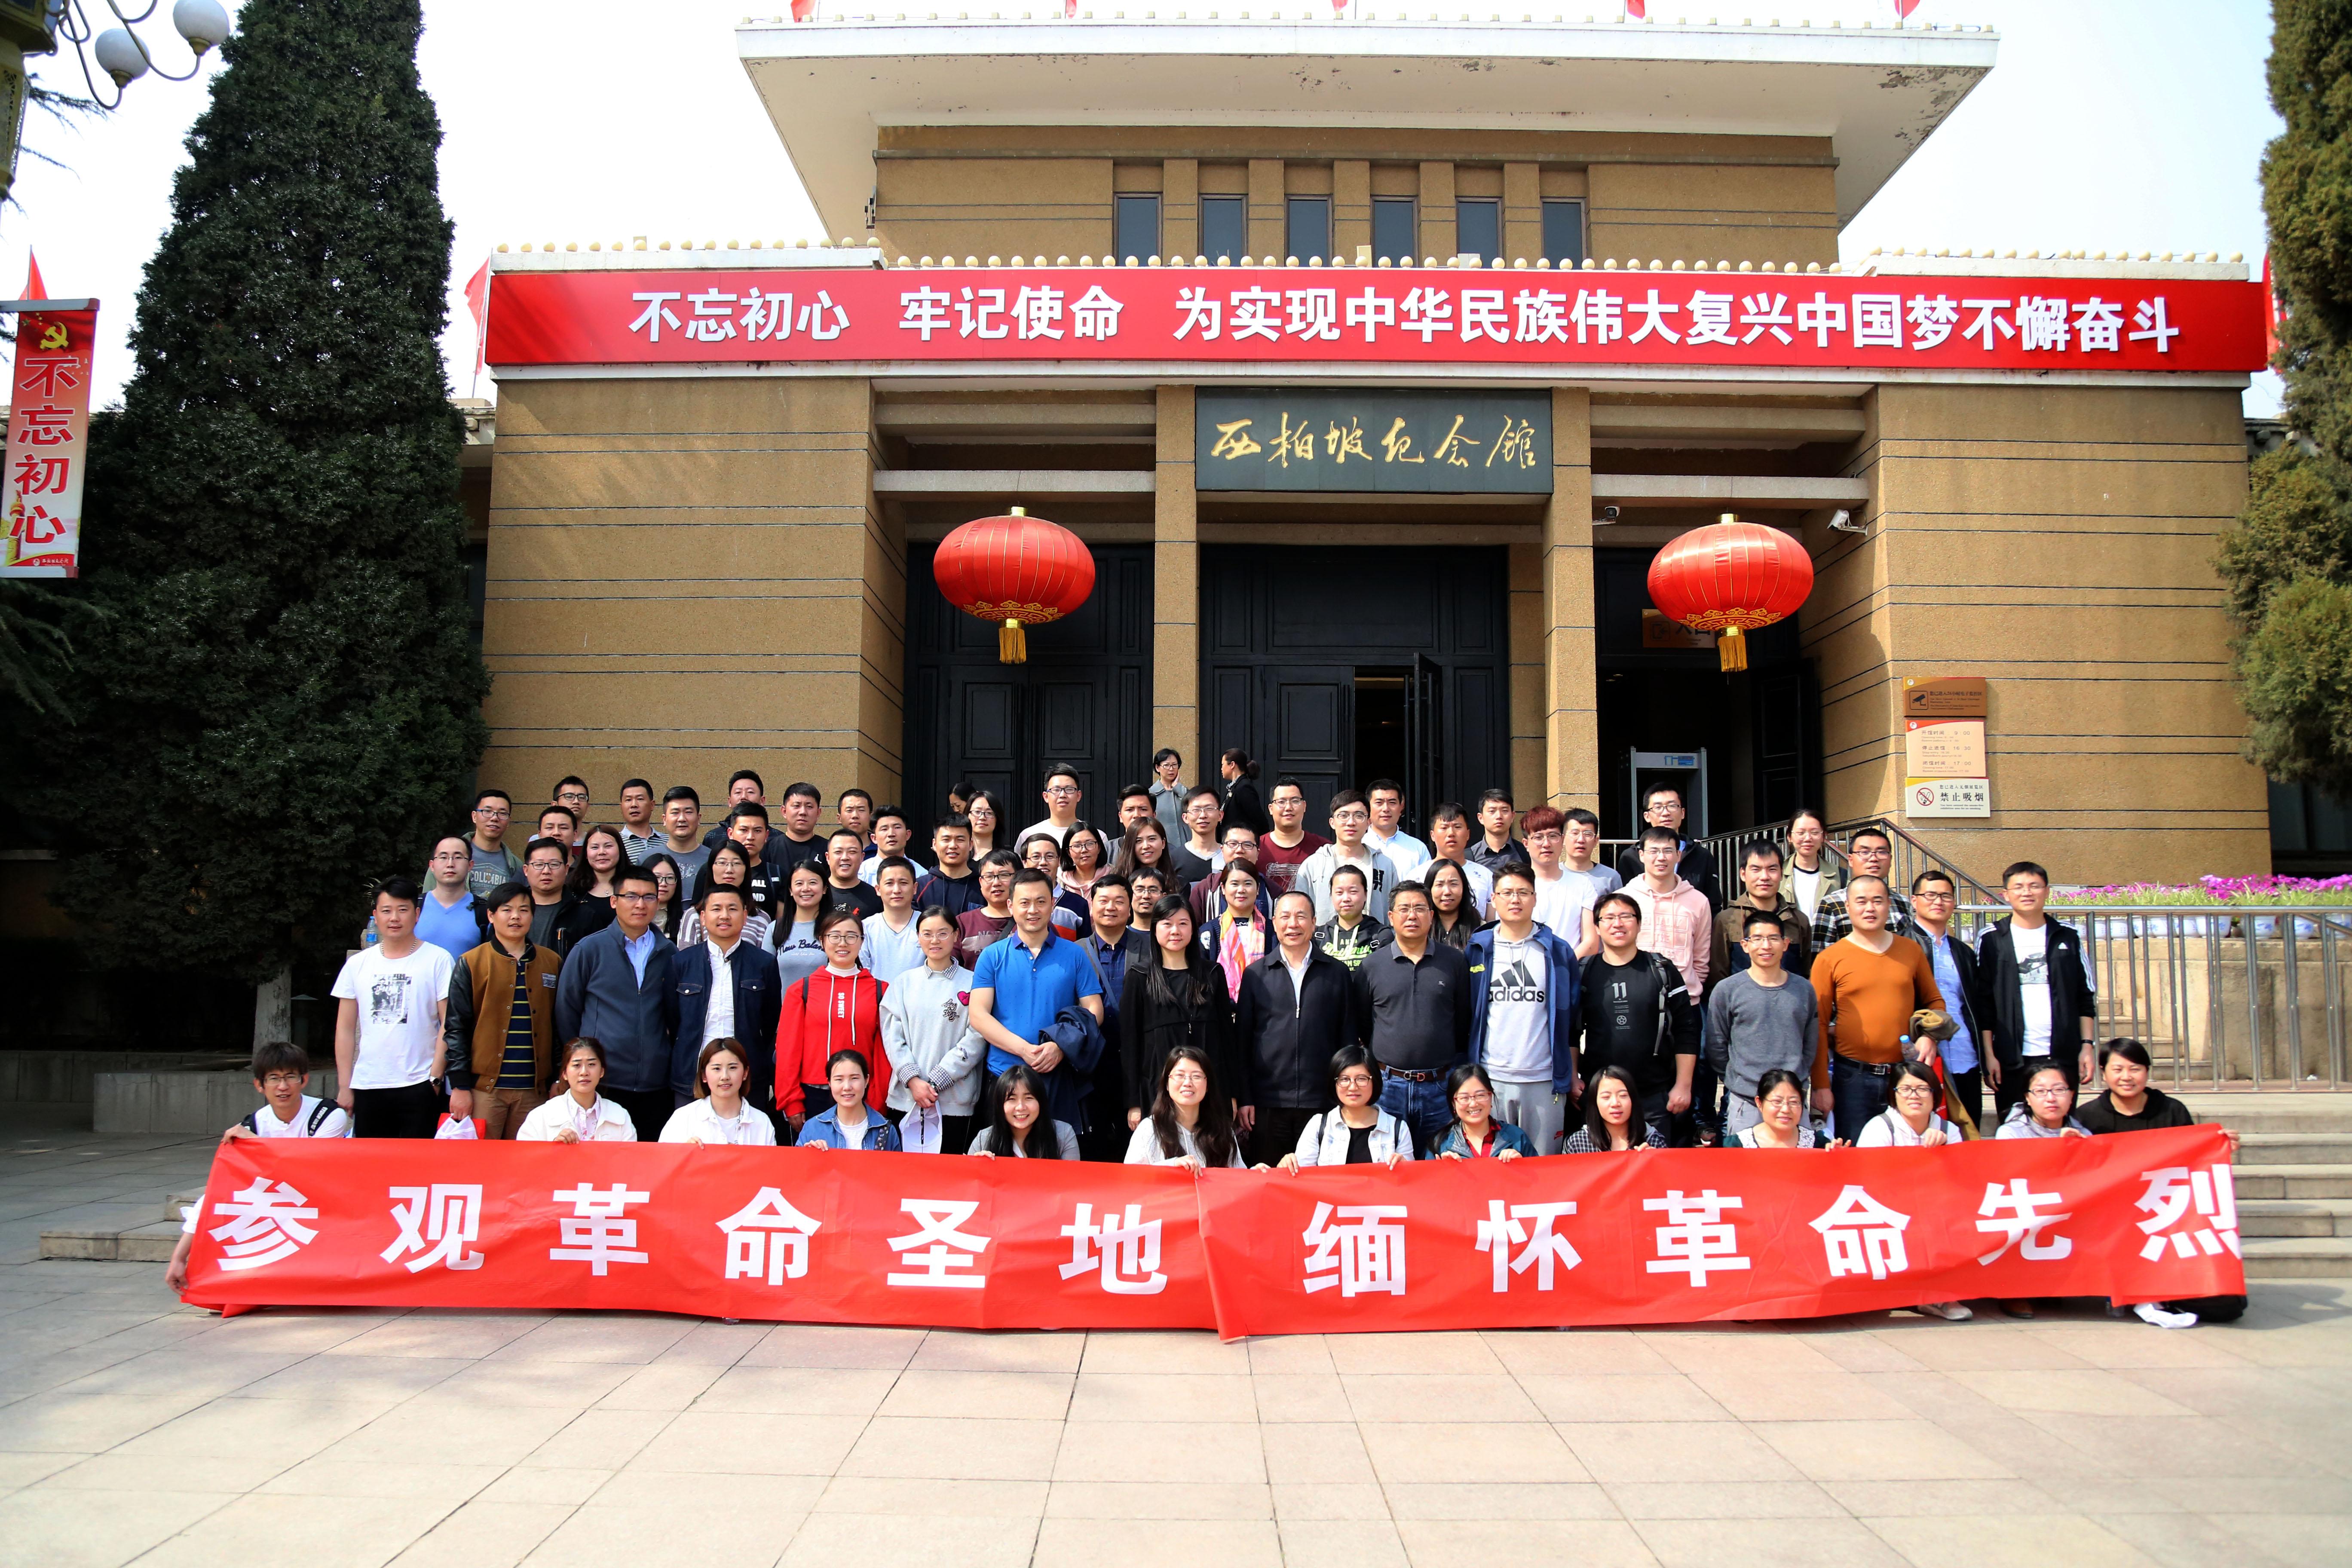 参观革命圣地,缅怀革命先烈——集团党委组织党员赴西柏坡红色教育基地参观学习